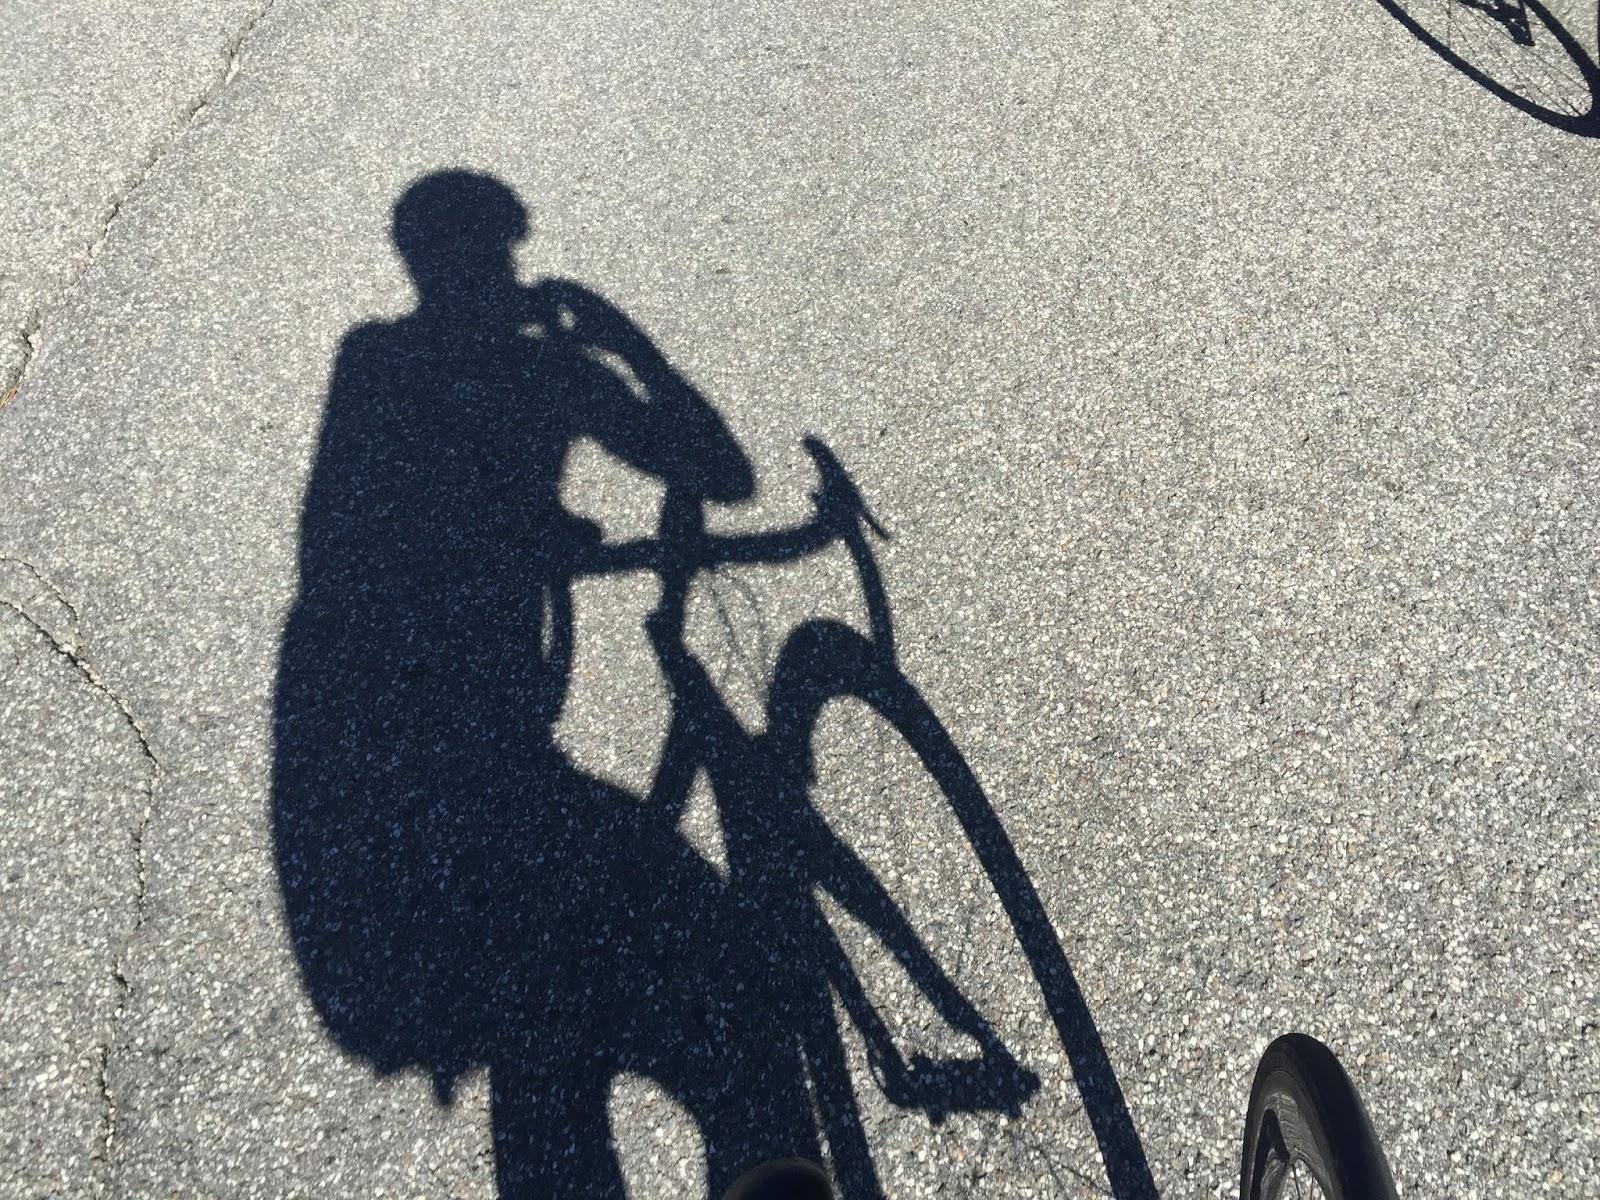 Foto von Ketterechts - dem Rennradblog und Event Liveblogger